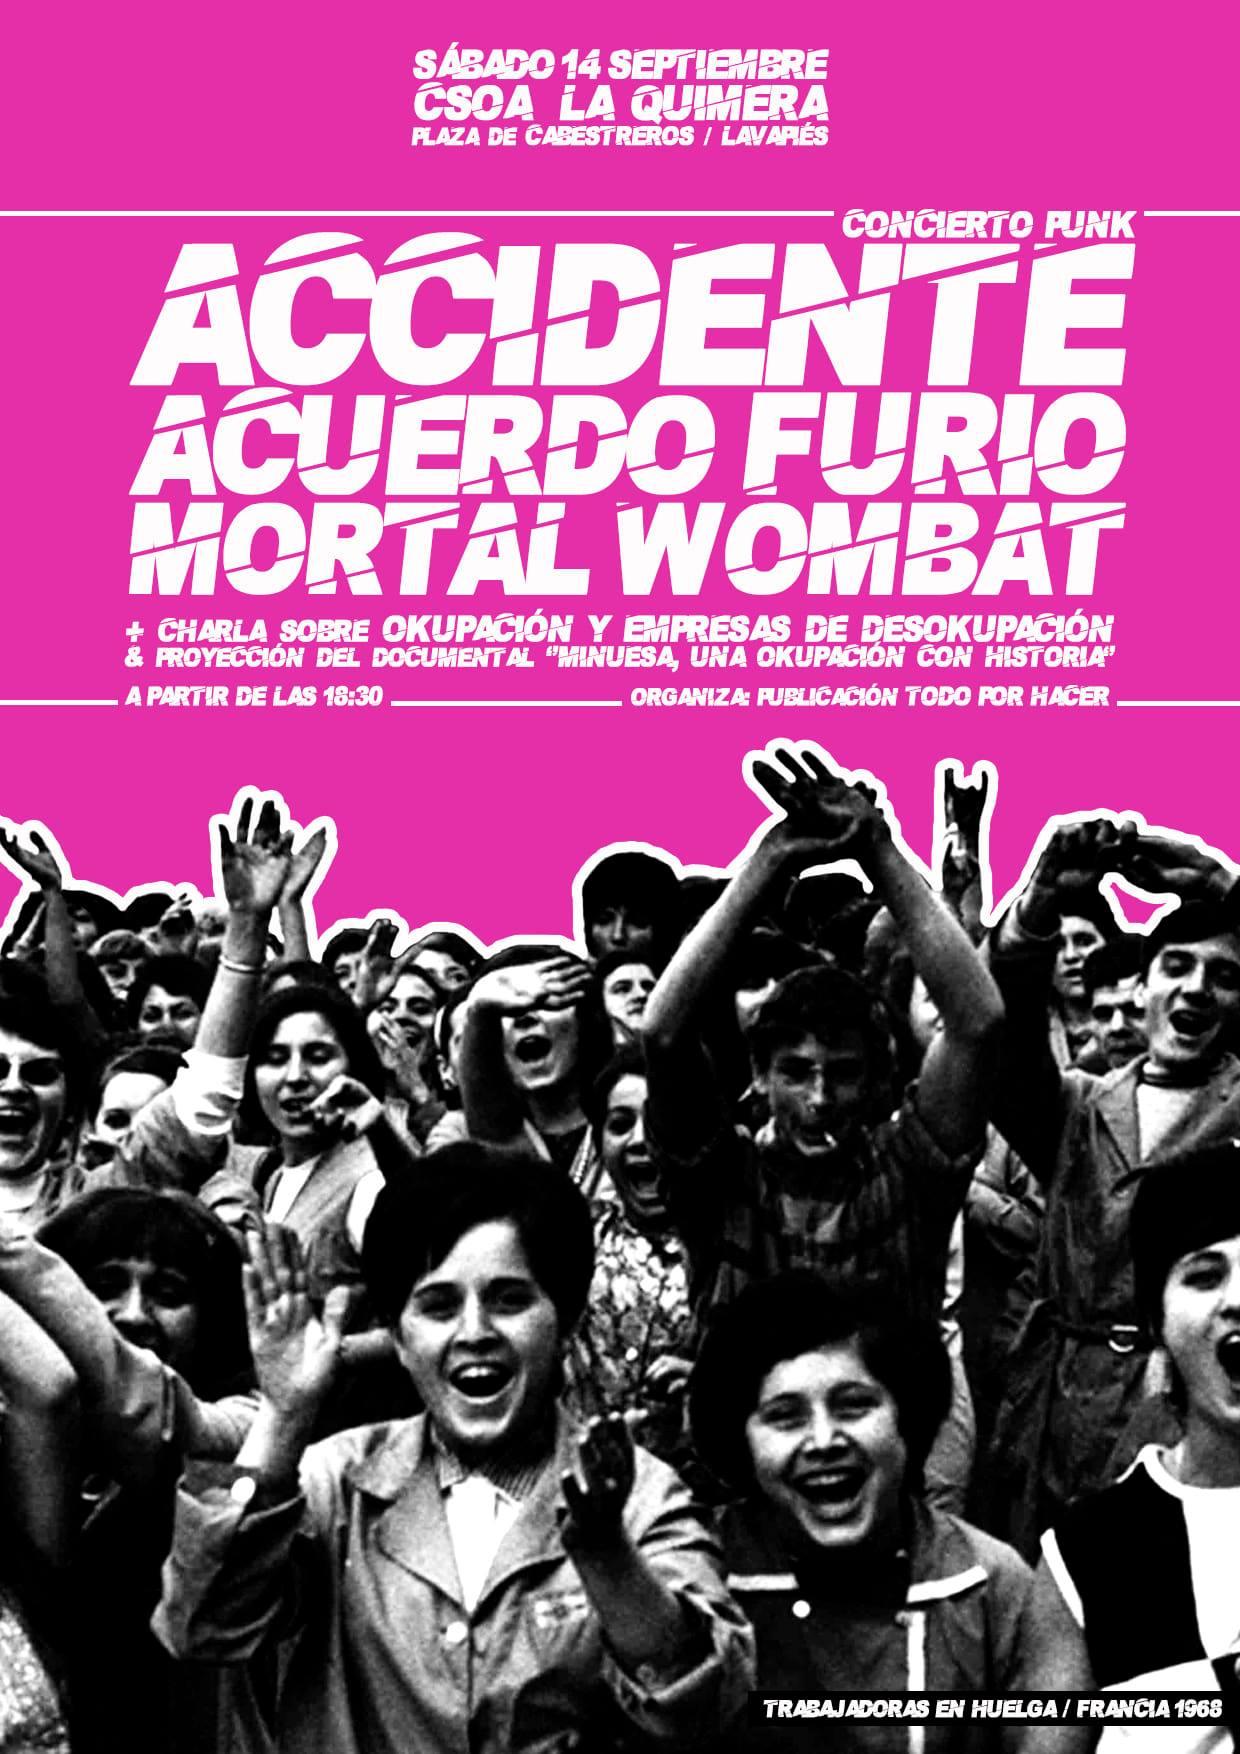 accidente 20190914